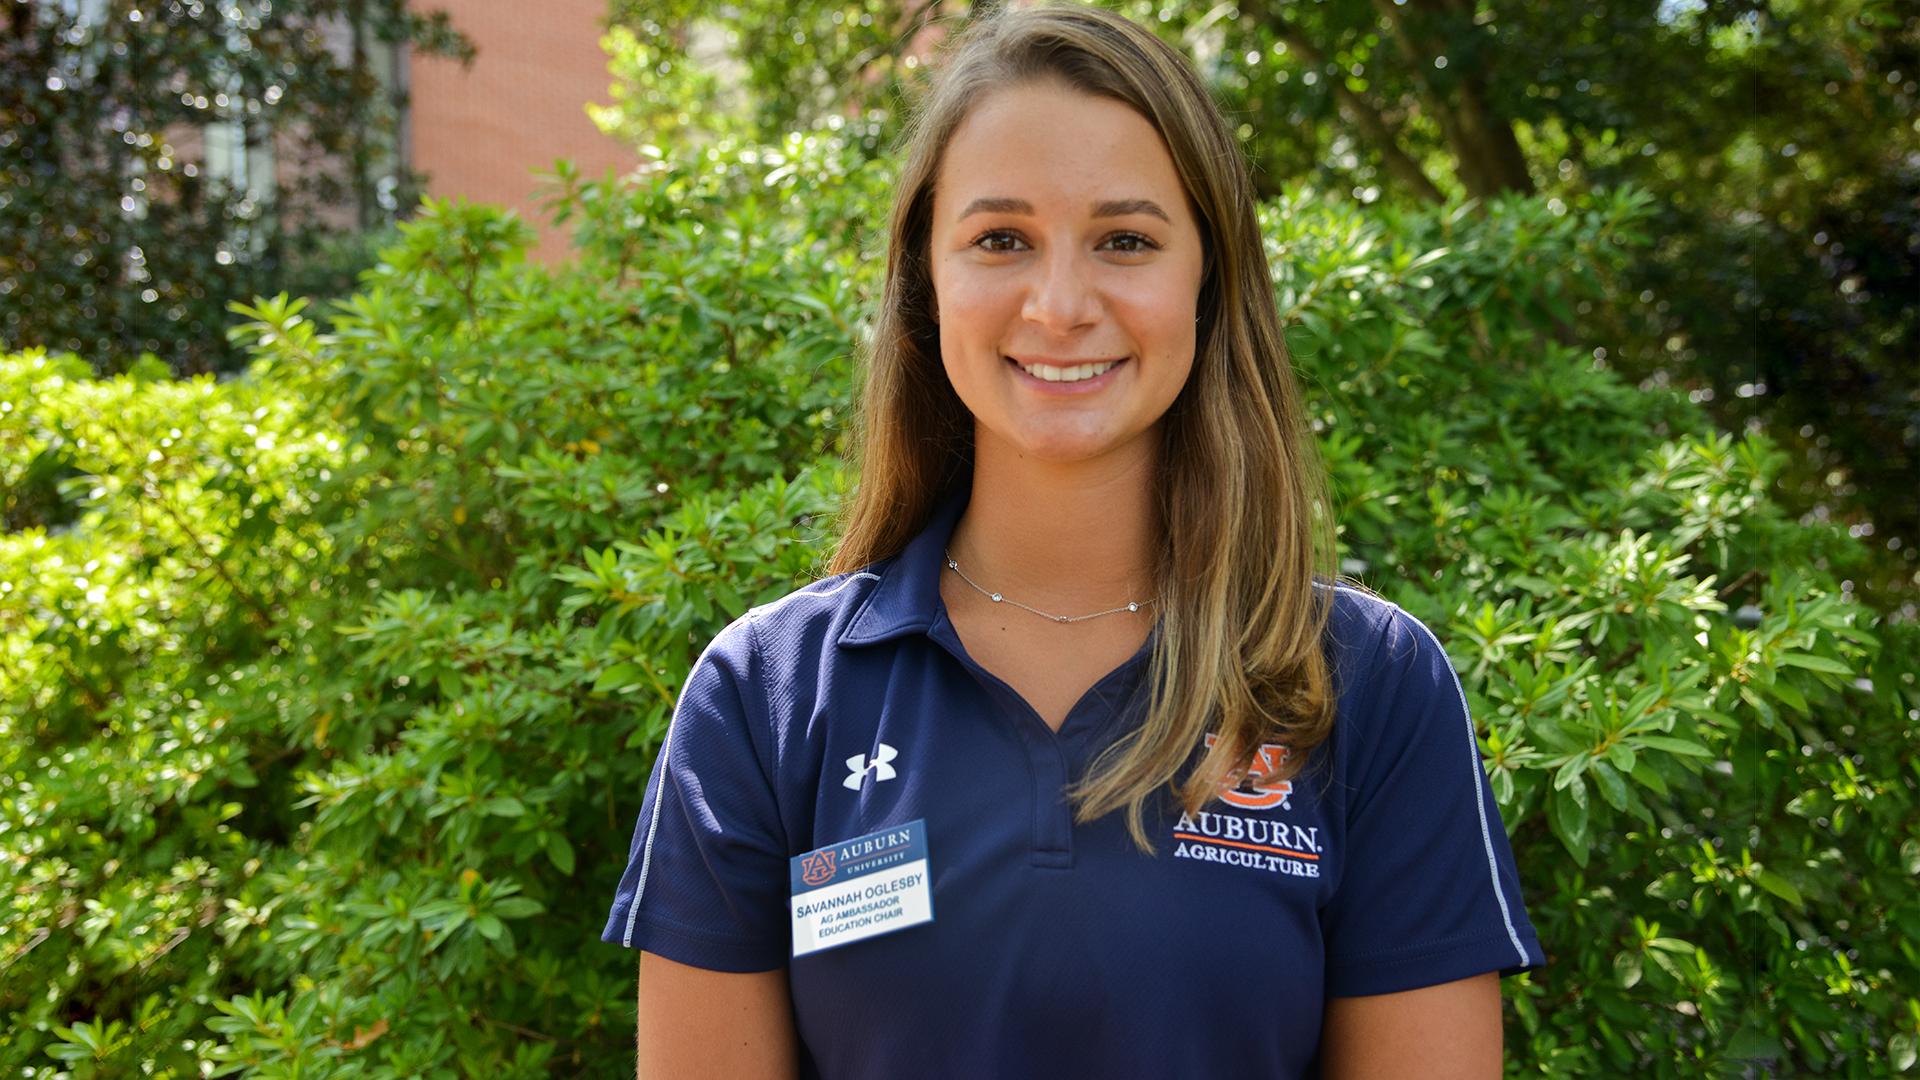 Savannah Oglesby, Education Chair, Auburn Ag Ambassadors, AL Student, 2021